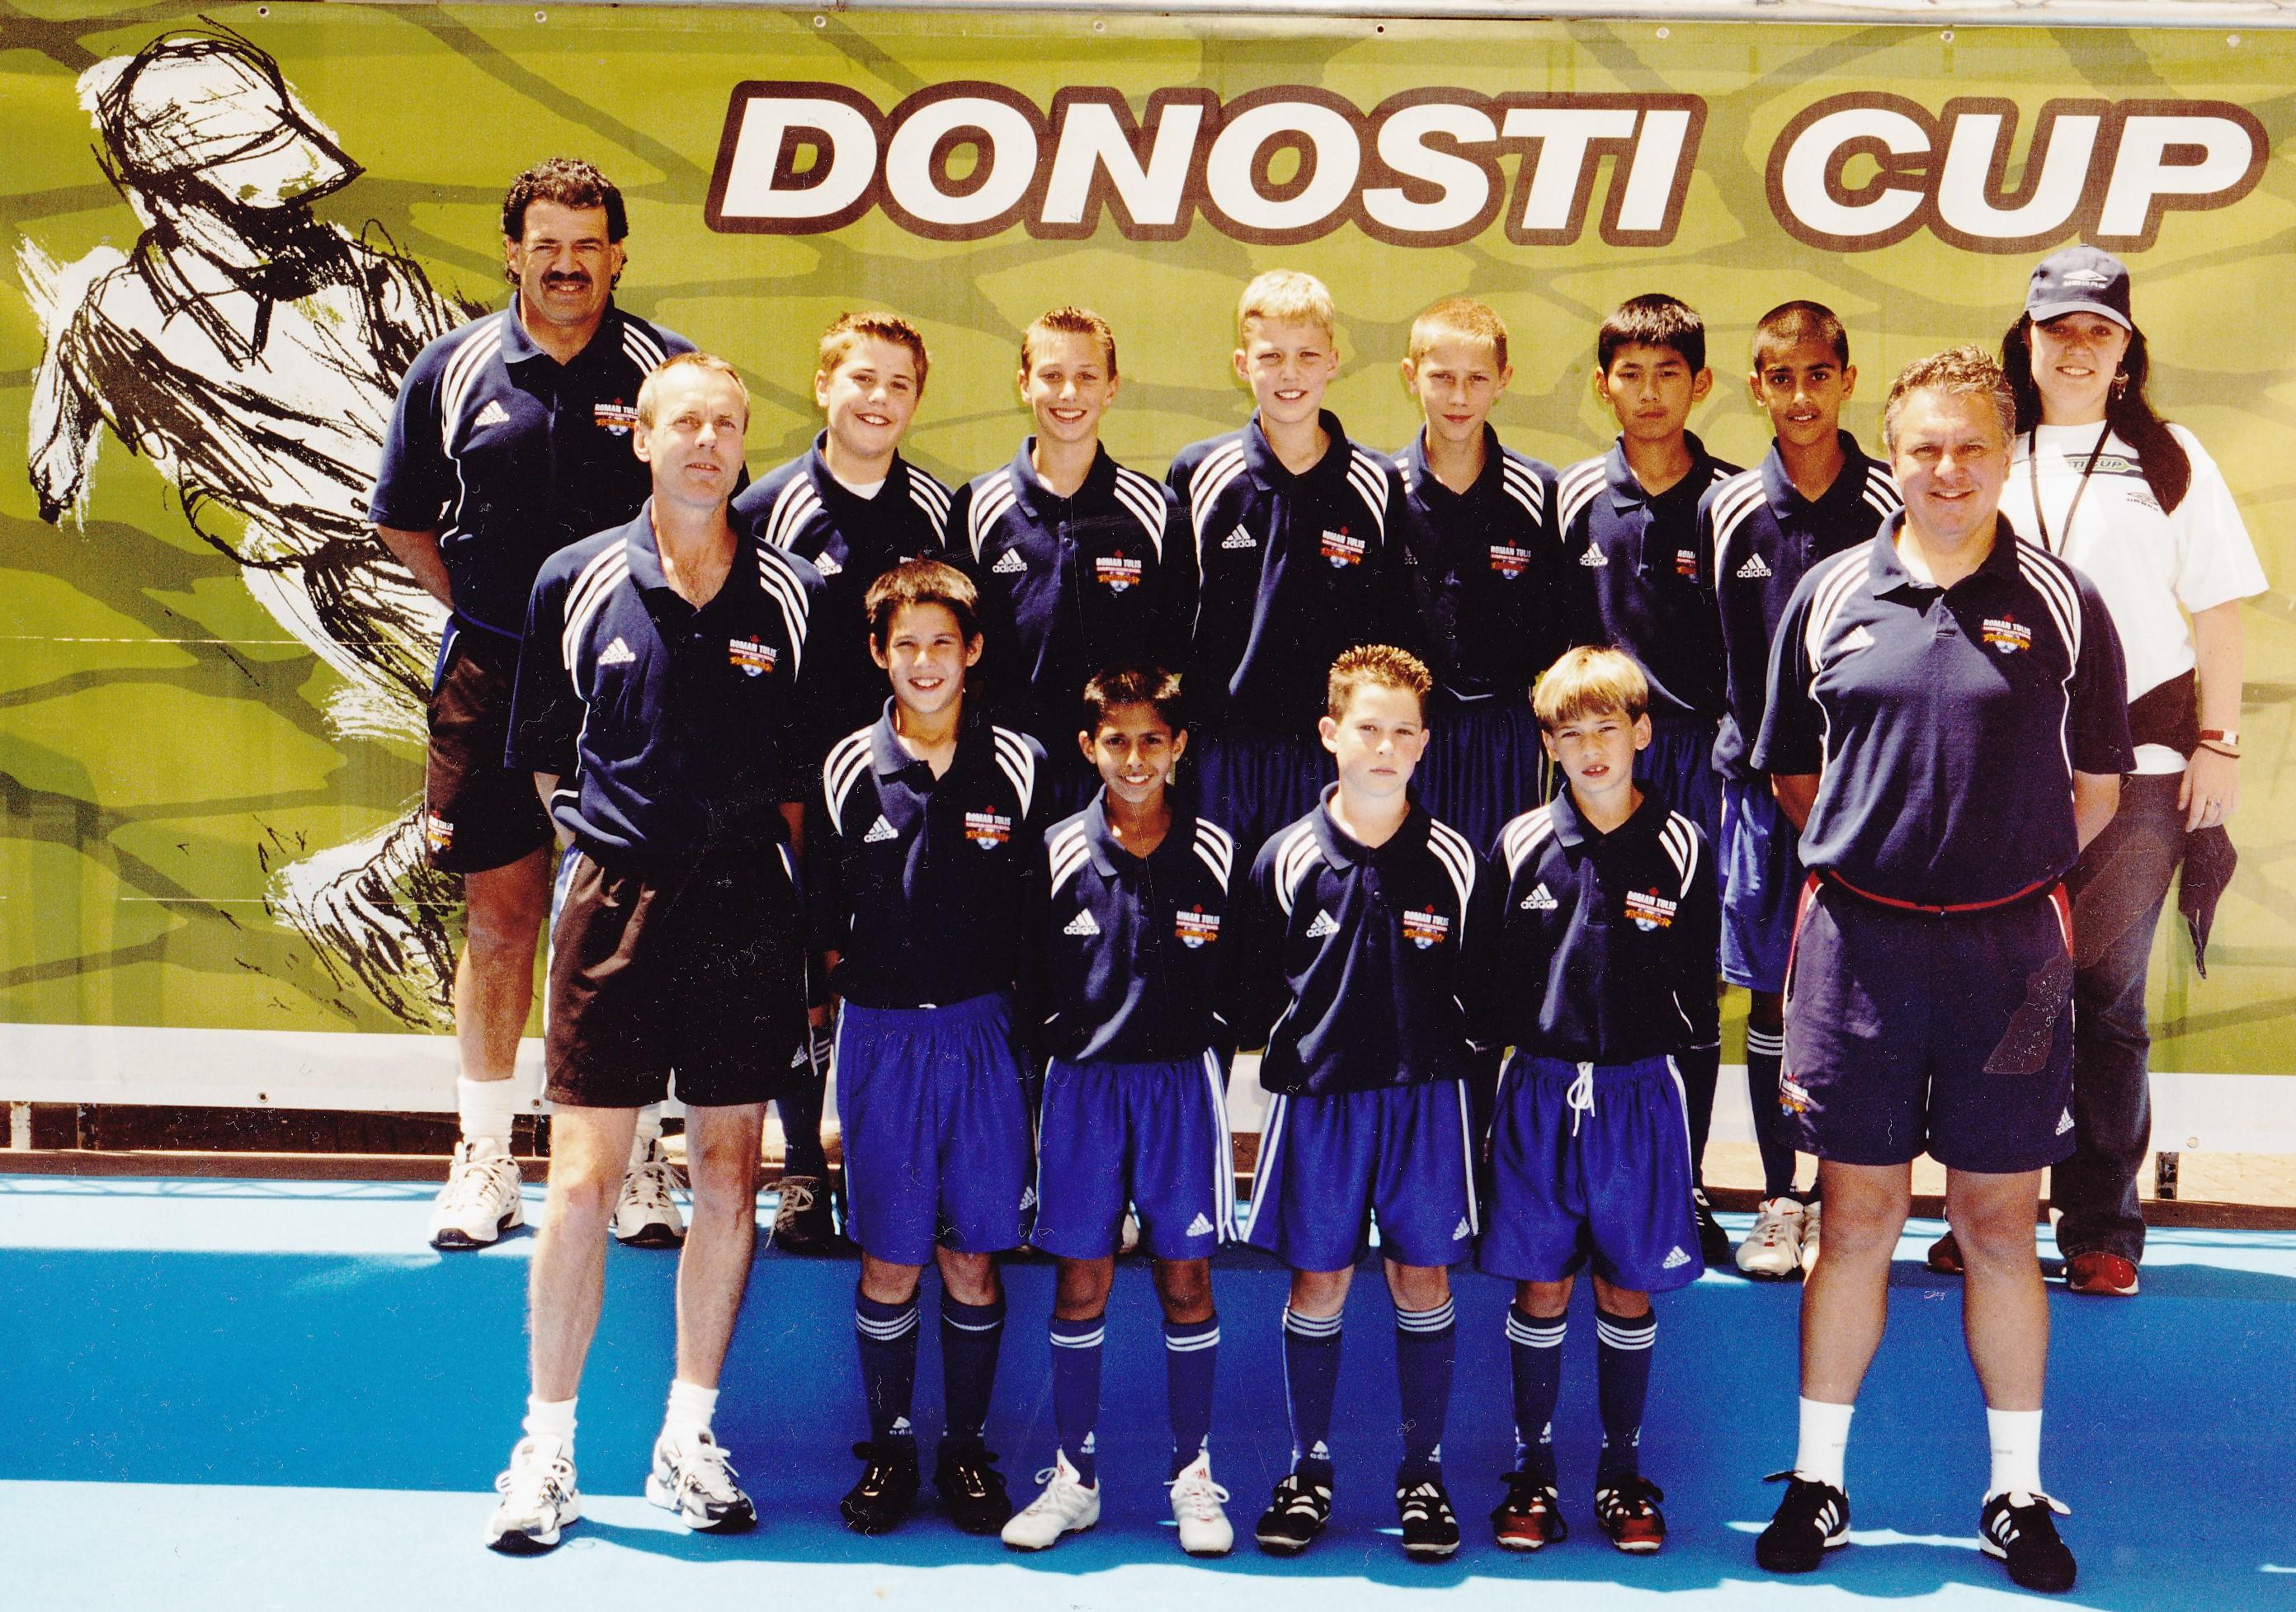 2002 Spain Tour